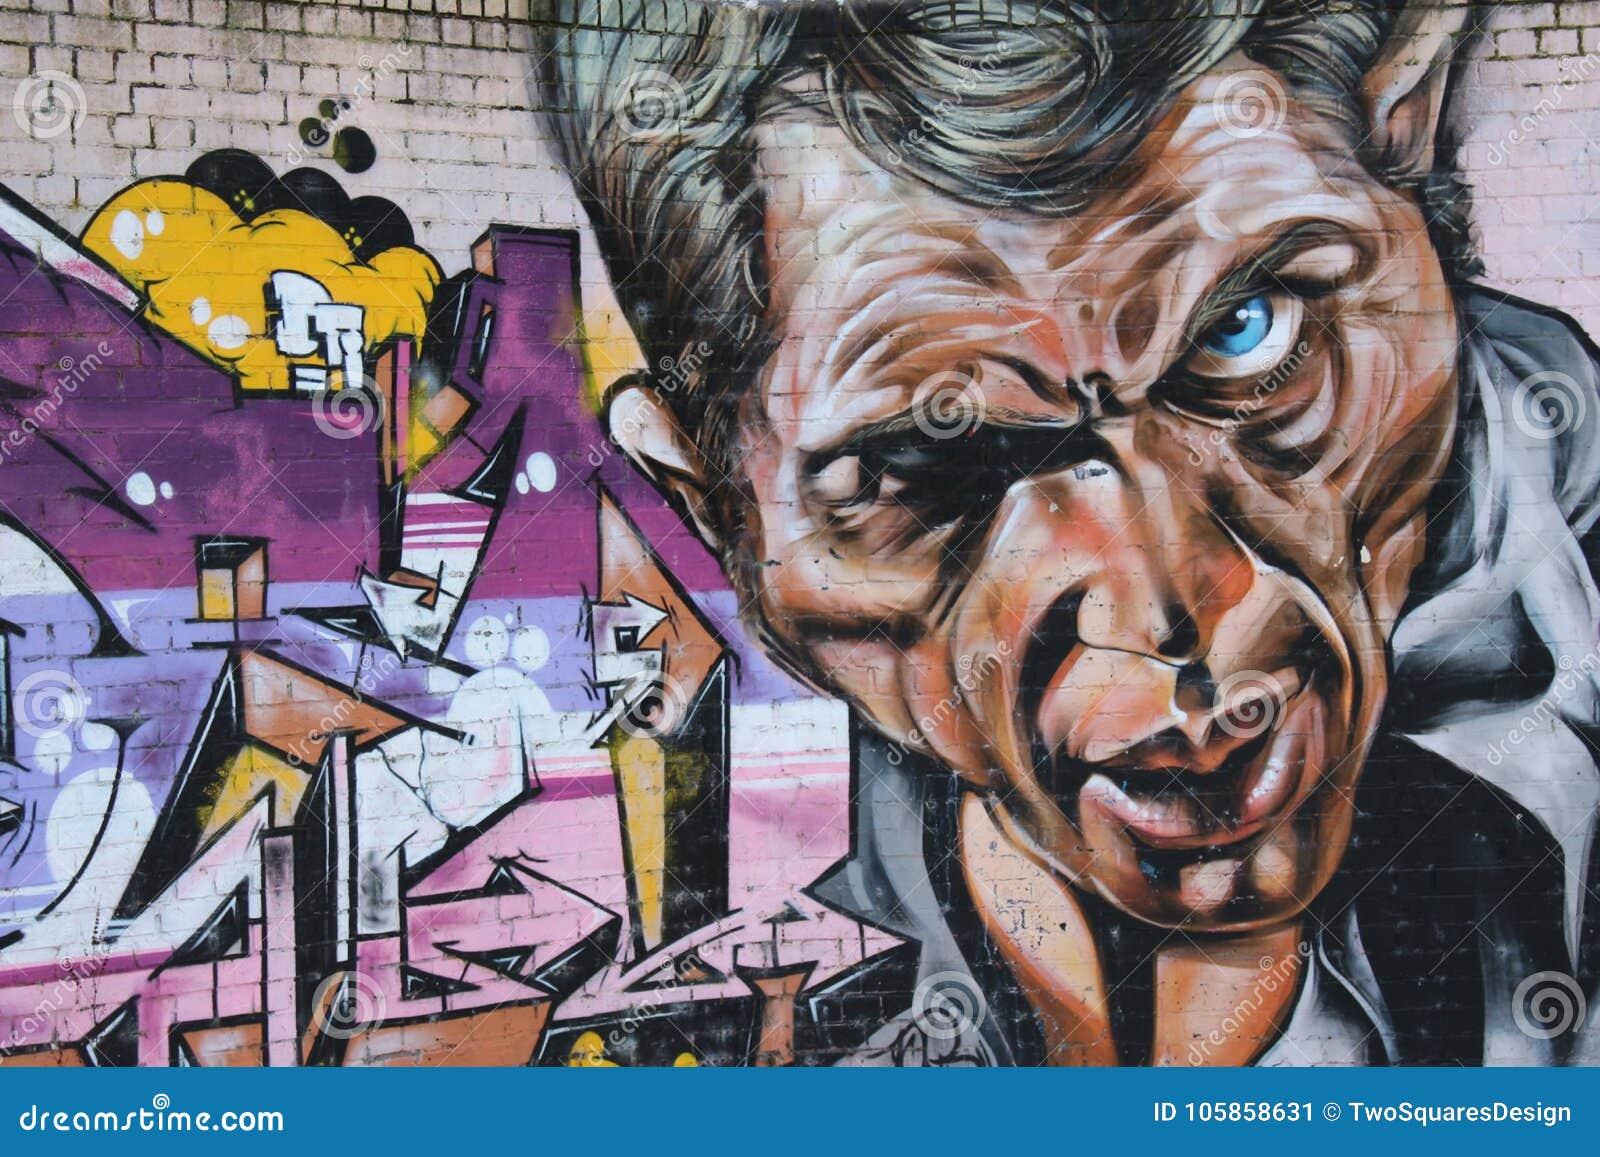 A graffiti face of man